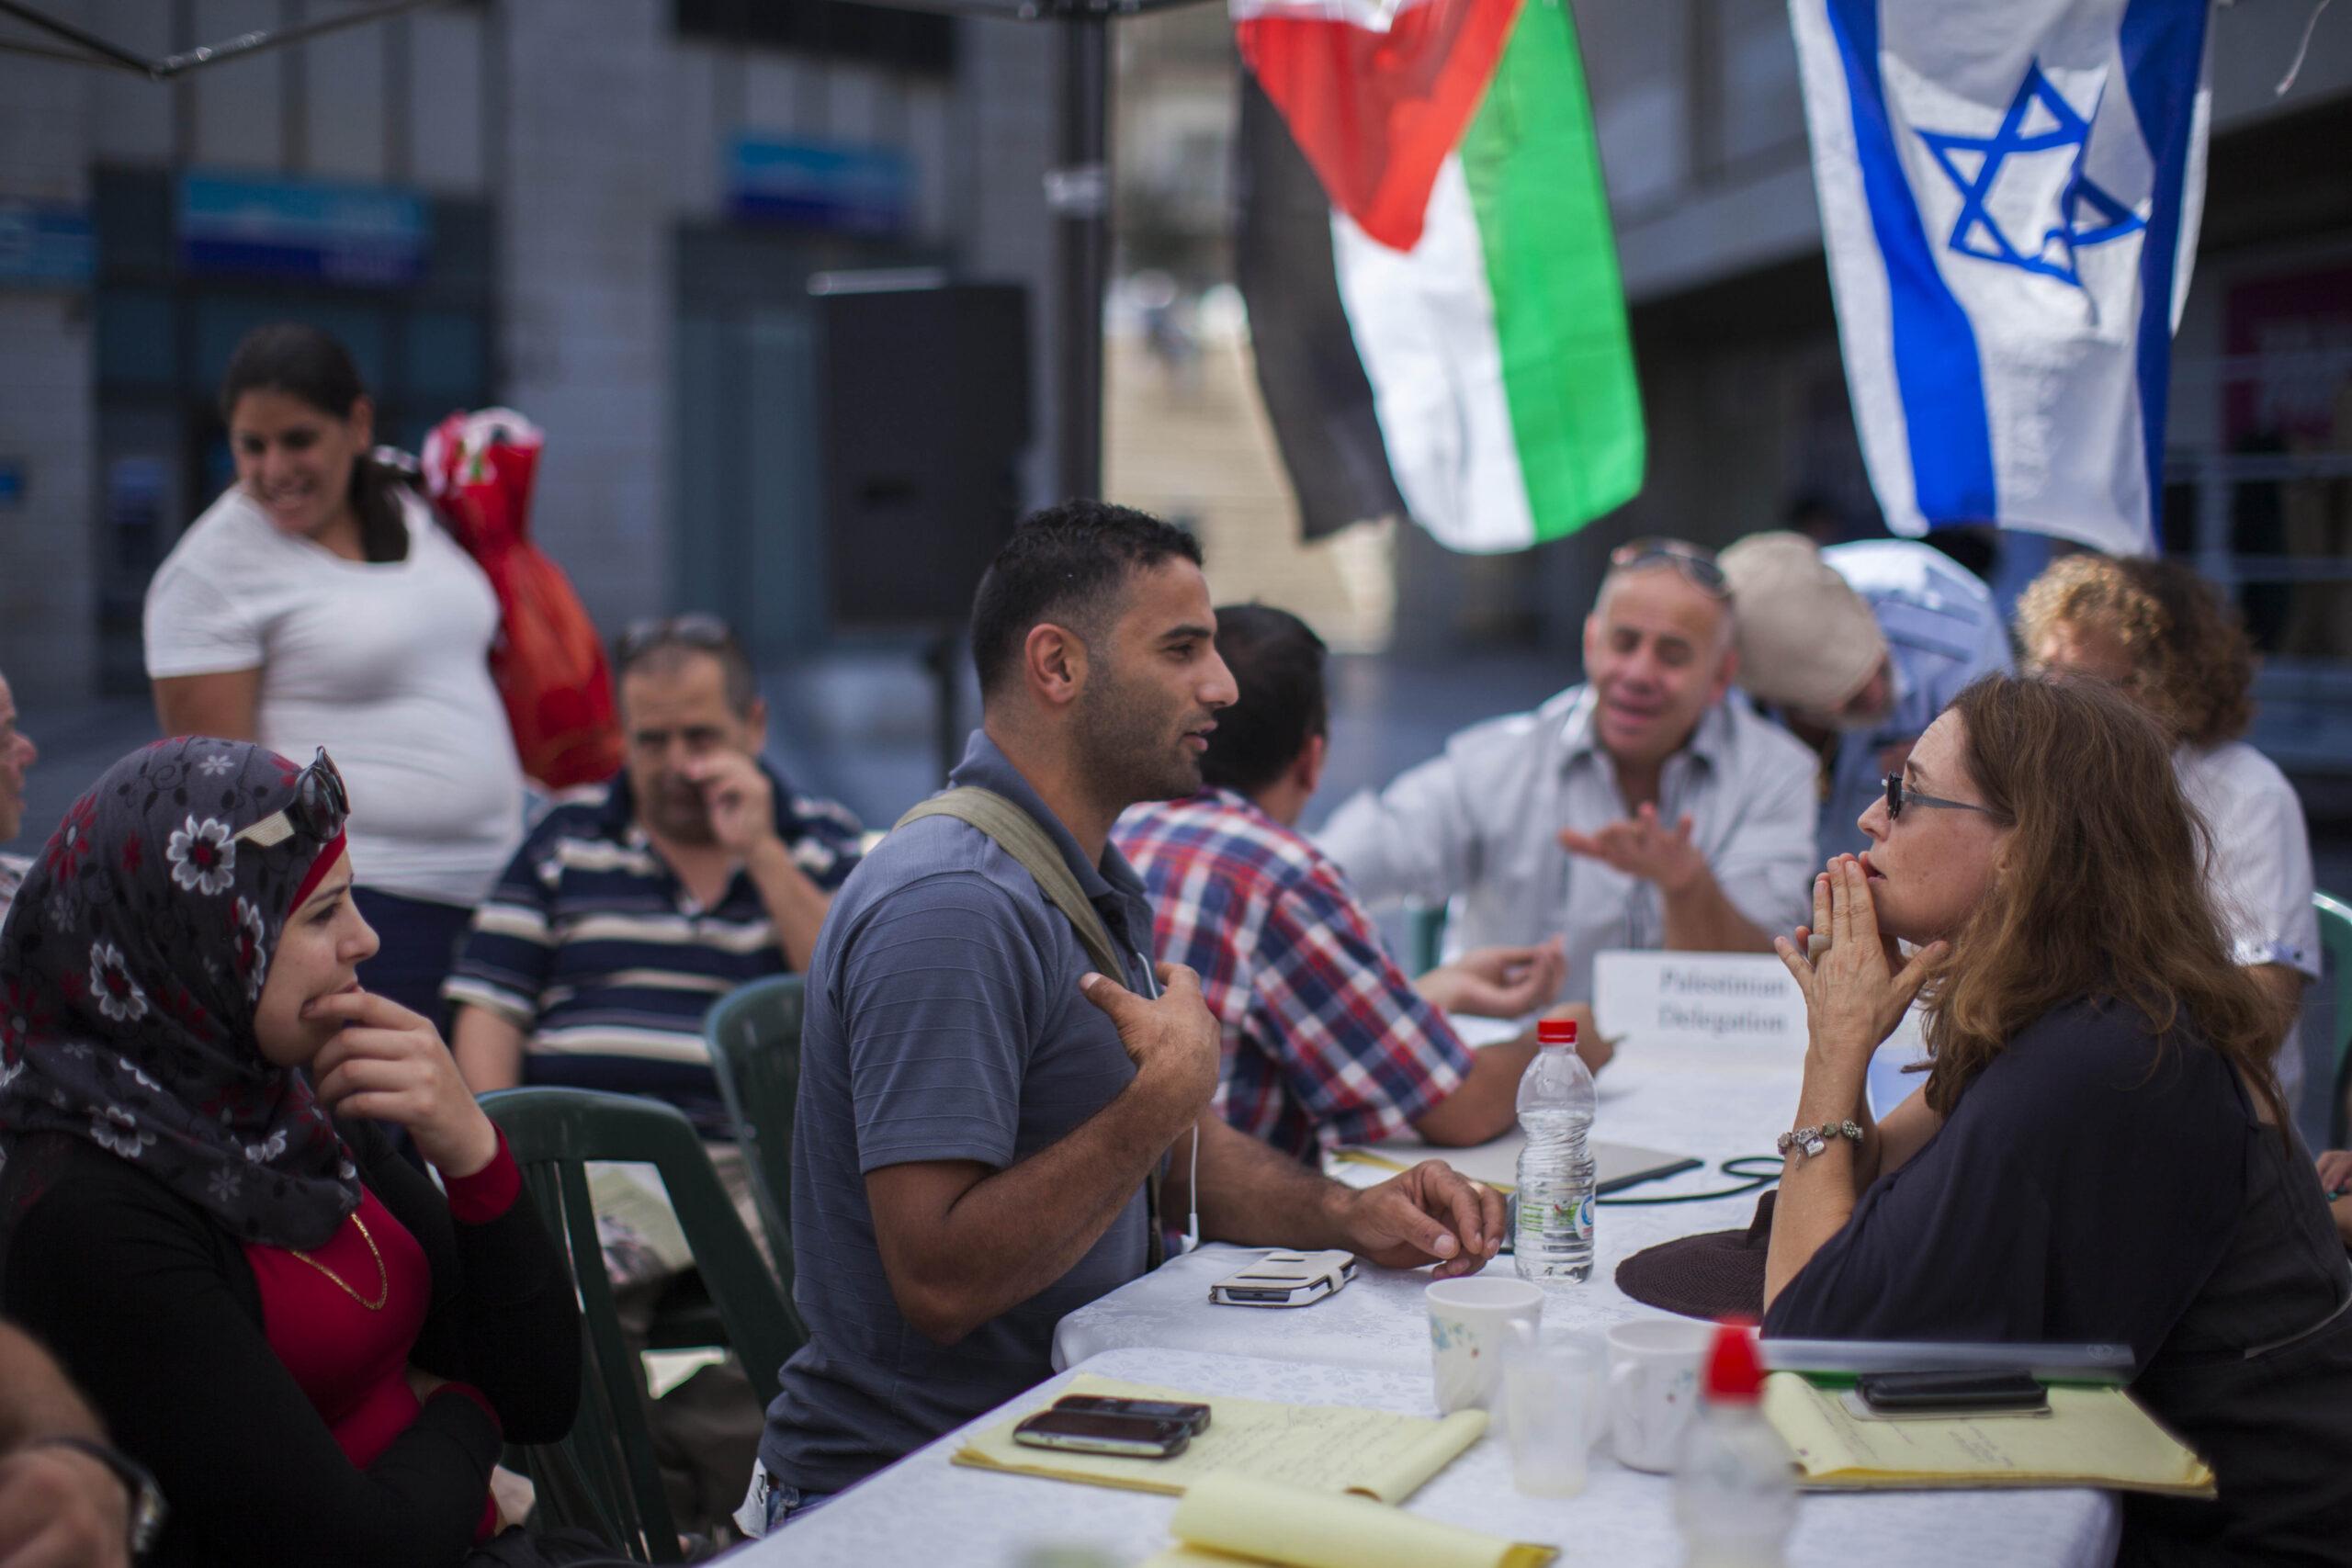 לשבט הפלסטיני, שמאז קום המדינה נשללה ממנו הישיבה ליד השולחן המדיני, ייתכן שמזומנת כאן הזדמנות שלא היתה כמותה להשקיע בעתידה של המסגרת של האזרחות הישראלית (יונתן זינדל / פלאש 90)